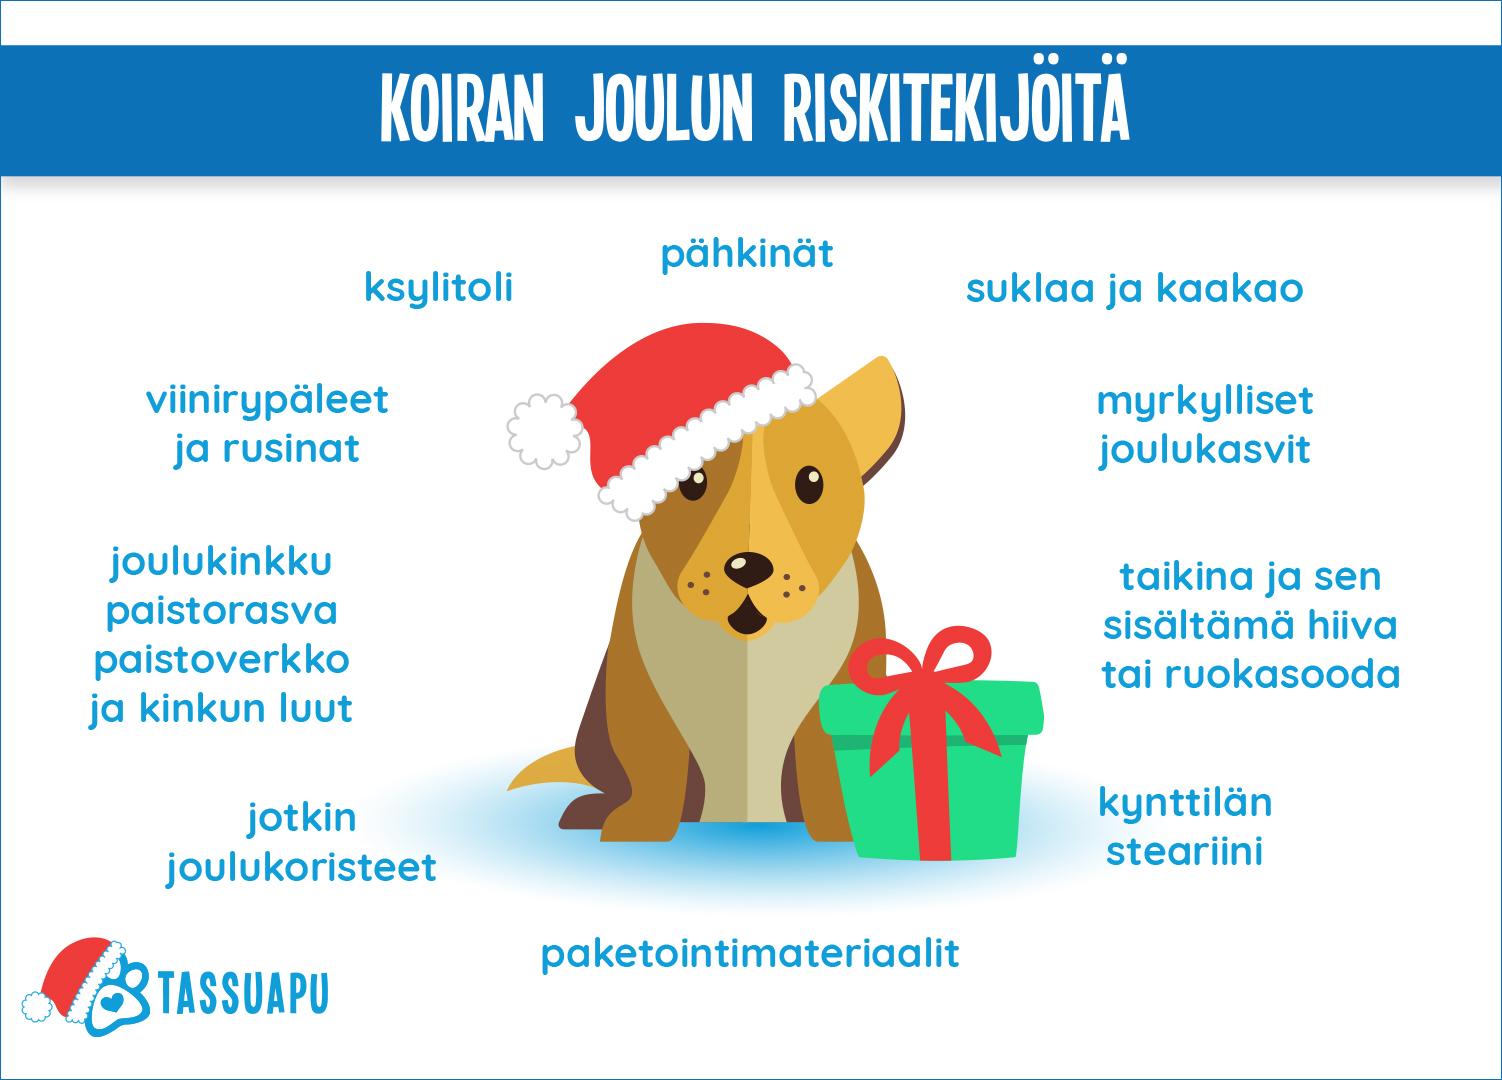 koiran joulun riskitekijöitä